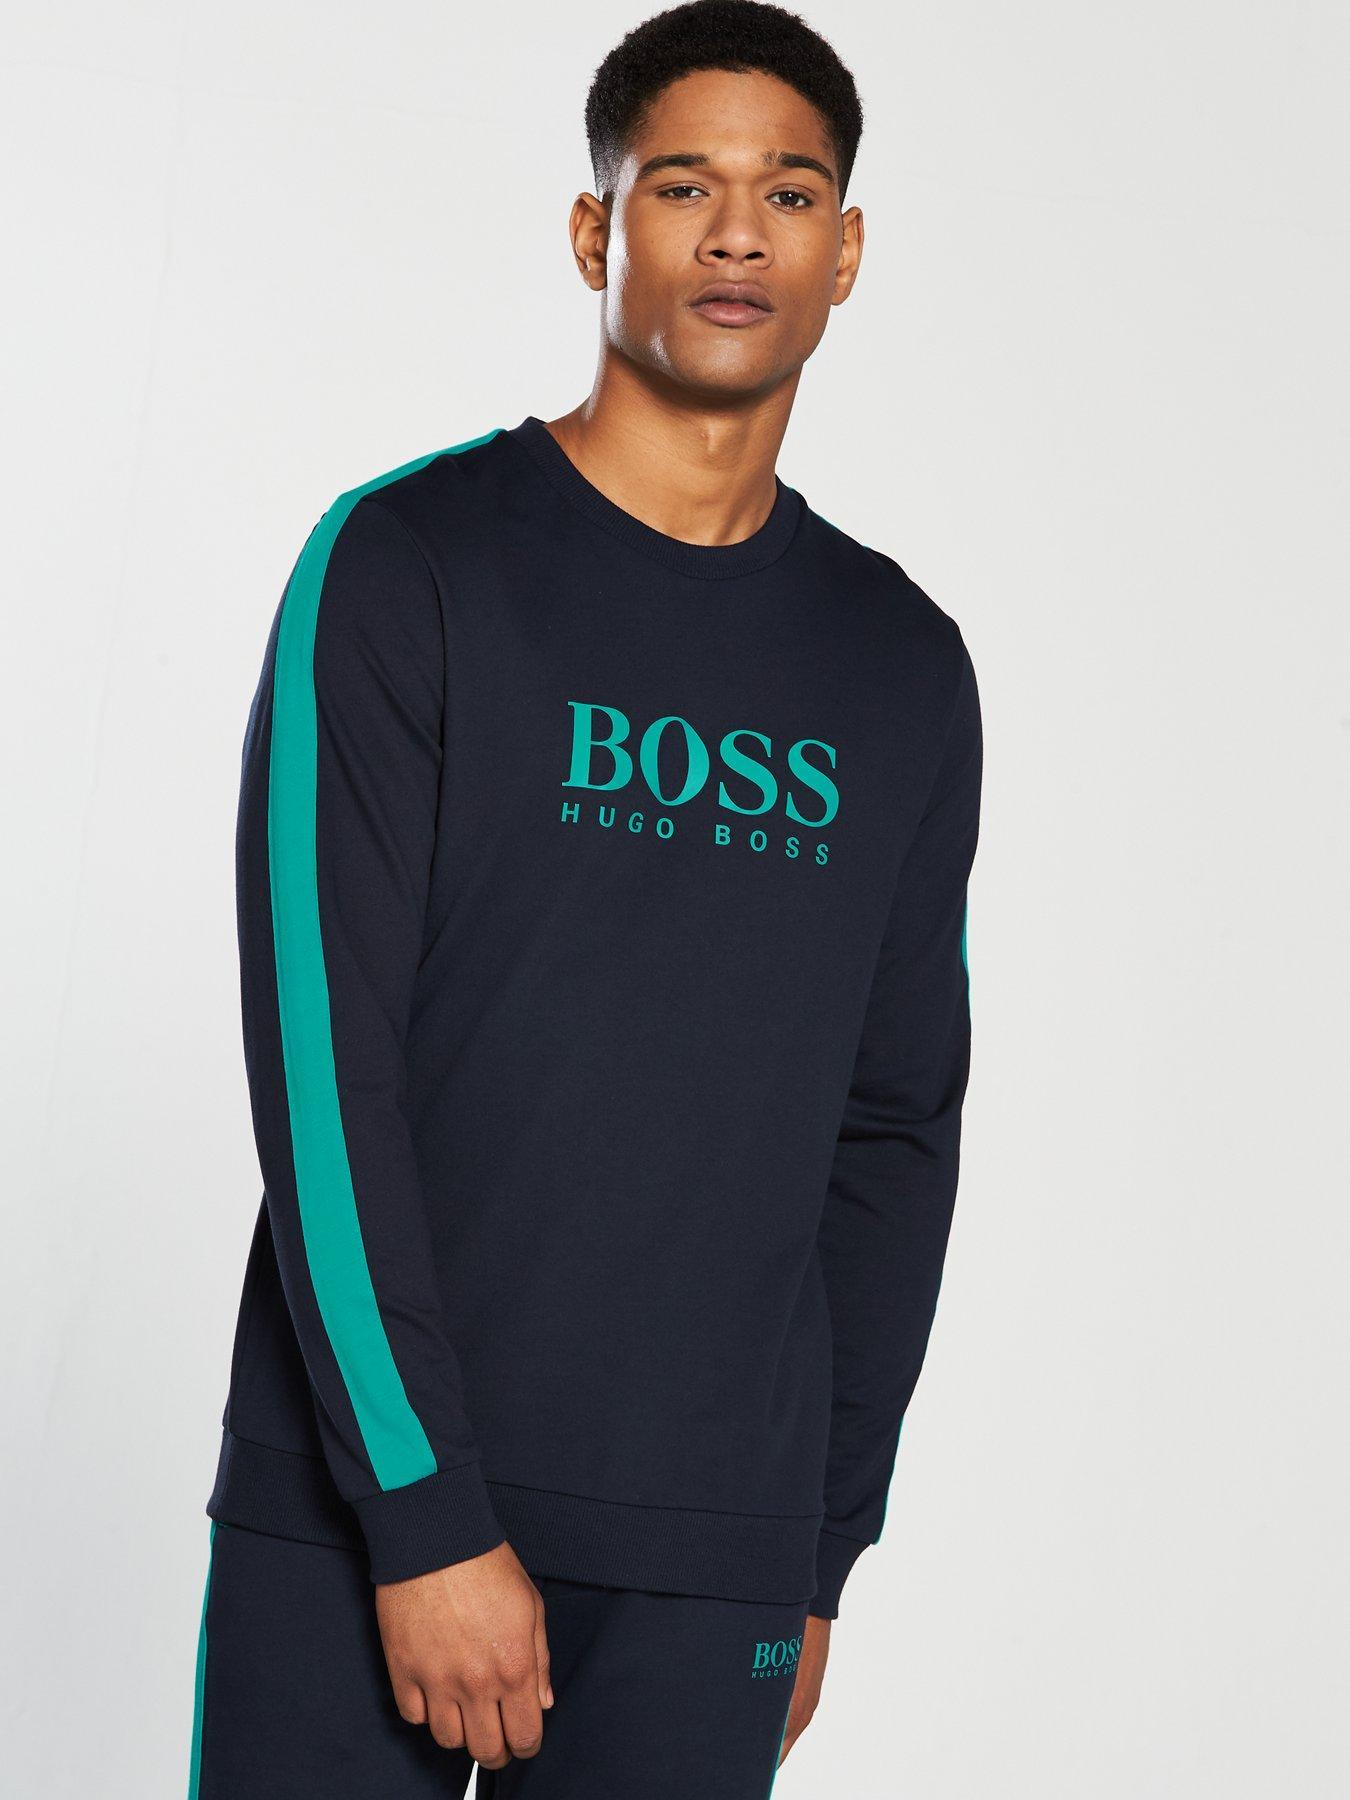 Hugo Boss Authentic Crew Loungetop